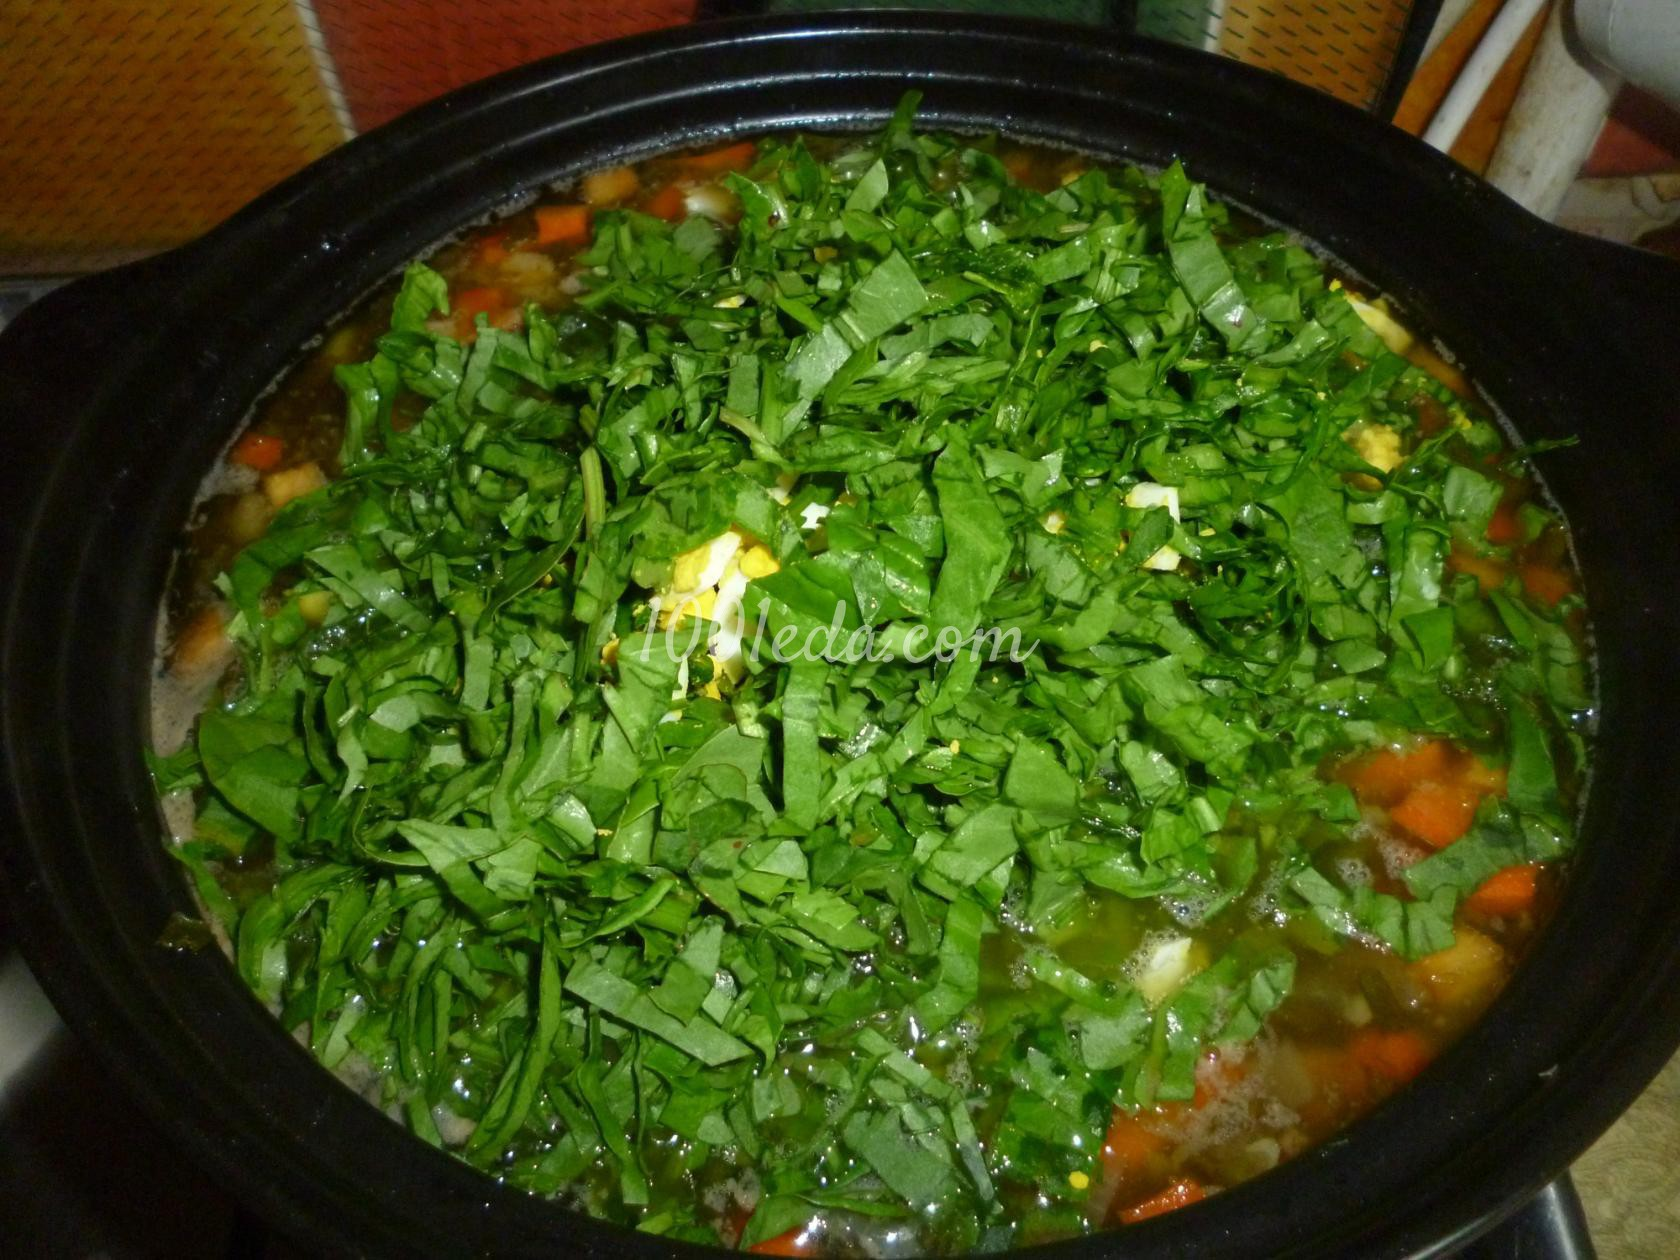 щавельный суп рецепт с яйцом в мультиварке